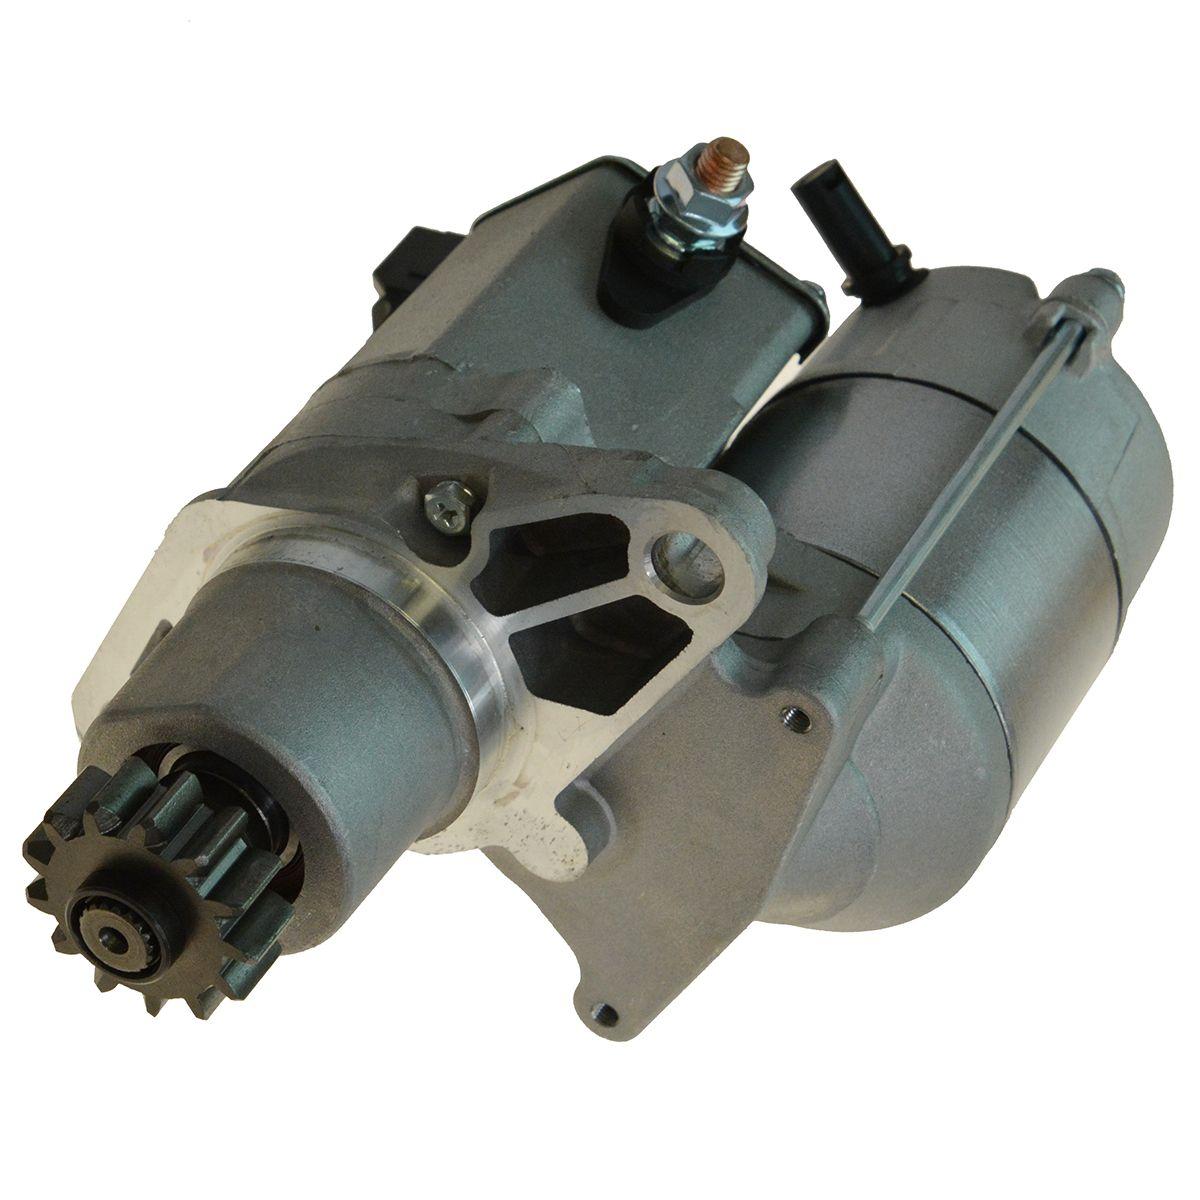 Starter Motor For Es300 Rx300 Camry Highlander Rav4 Sienna Solara 2 0l 2 4l 3 0l